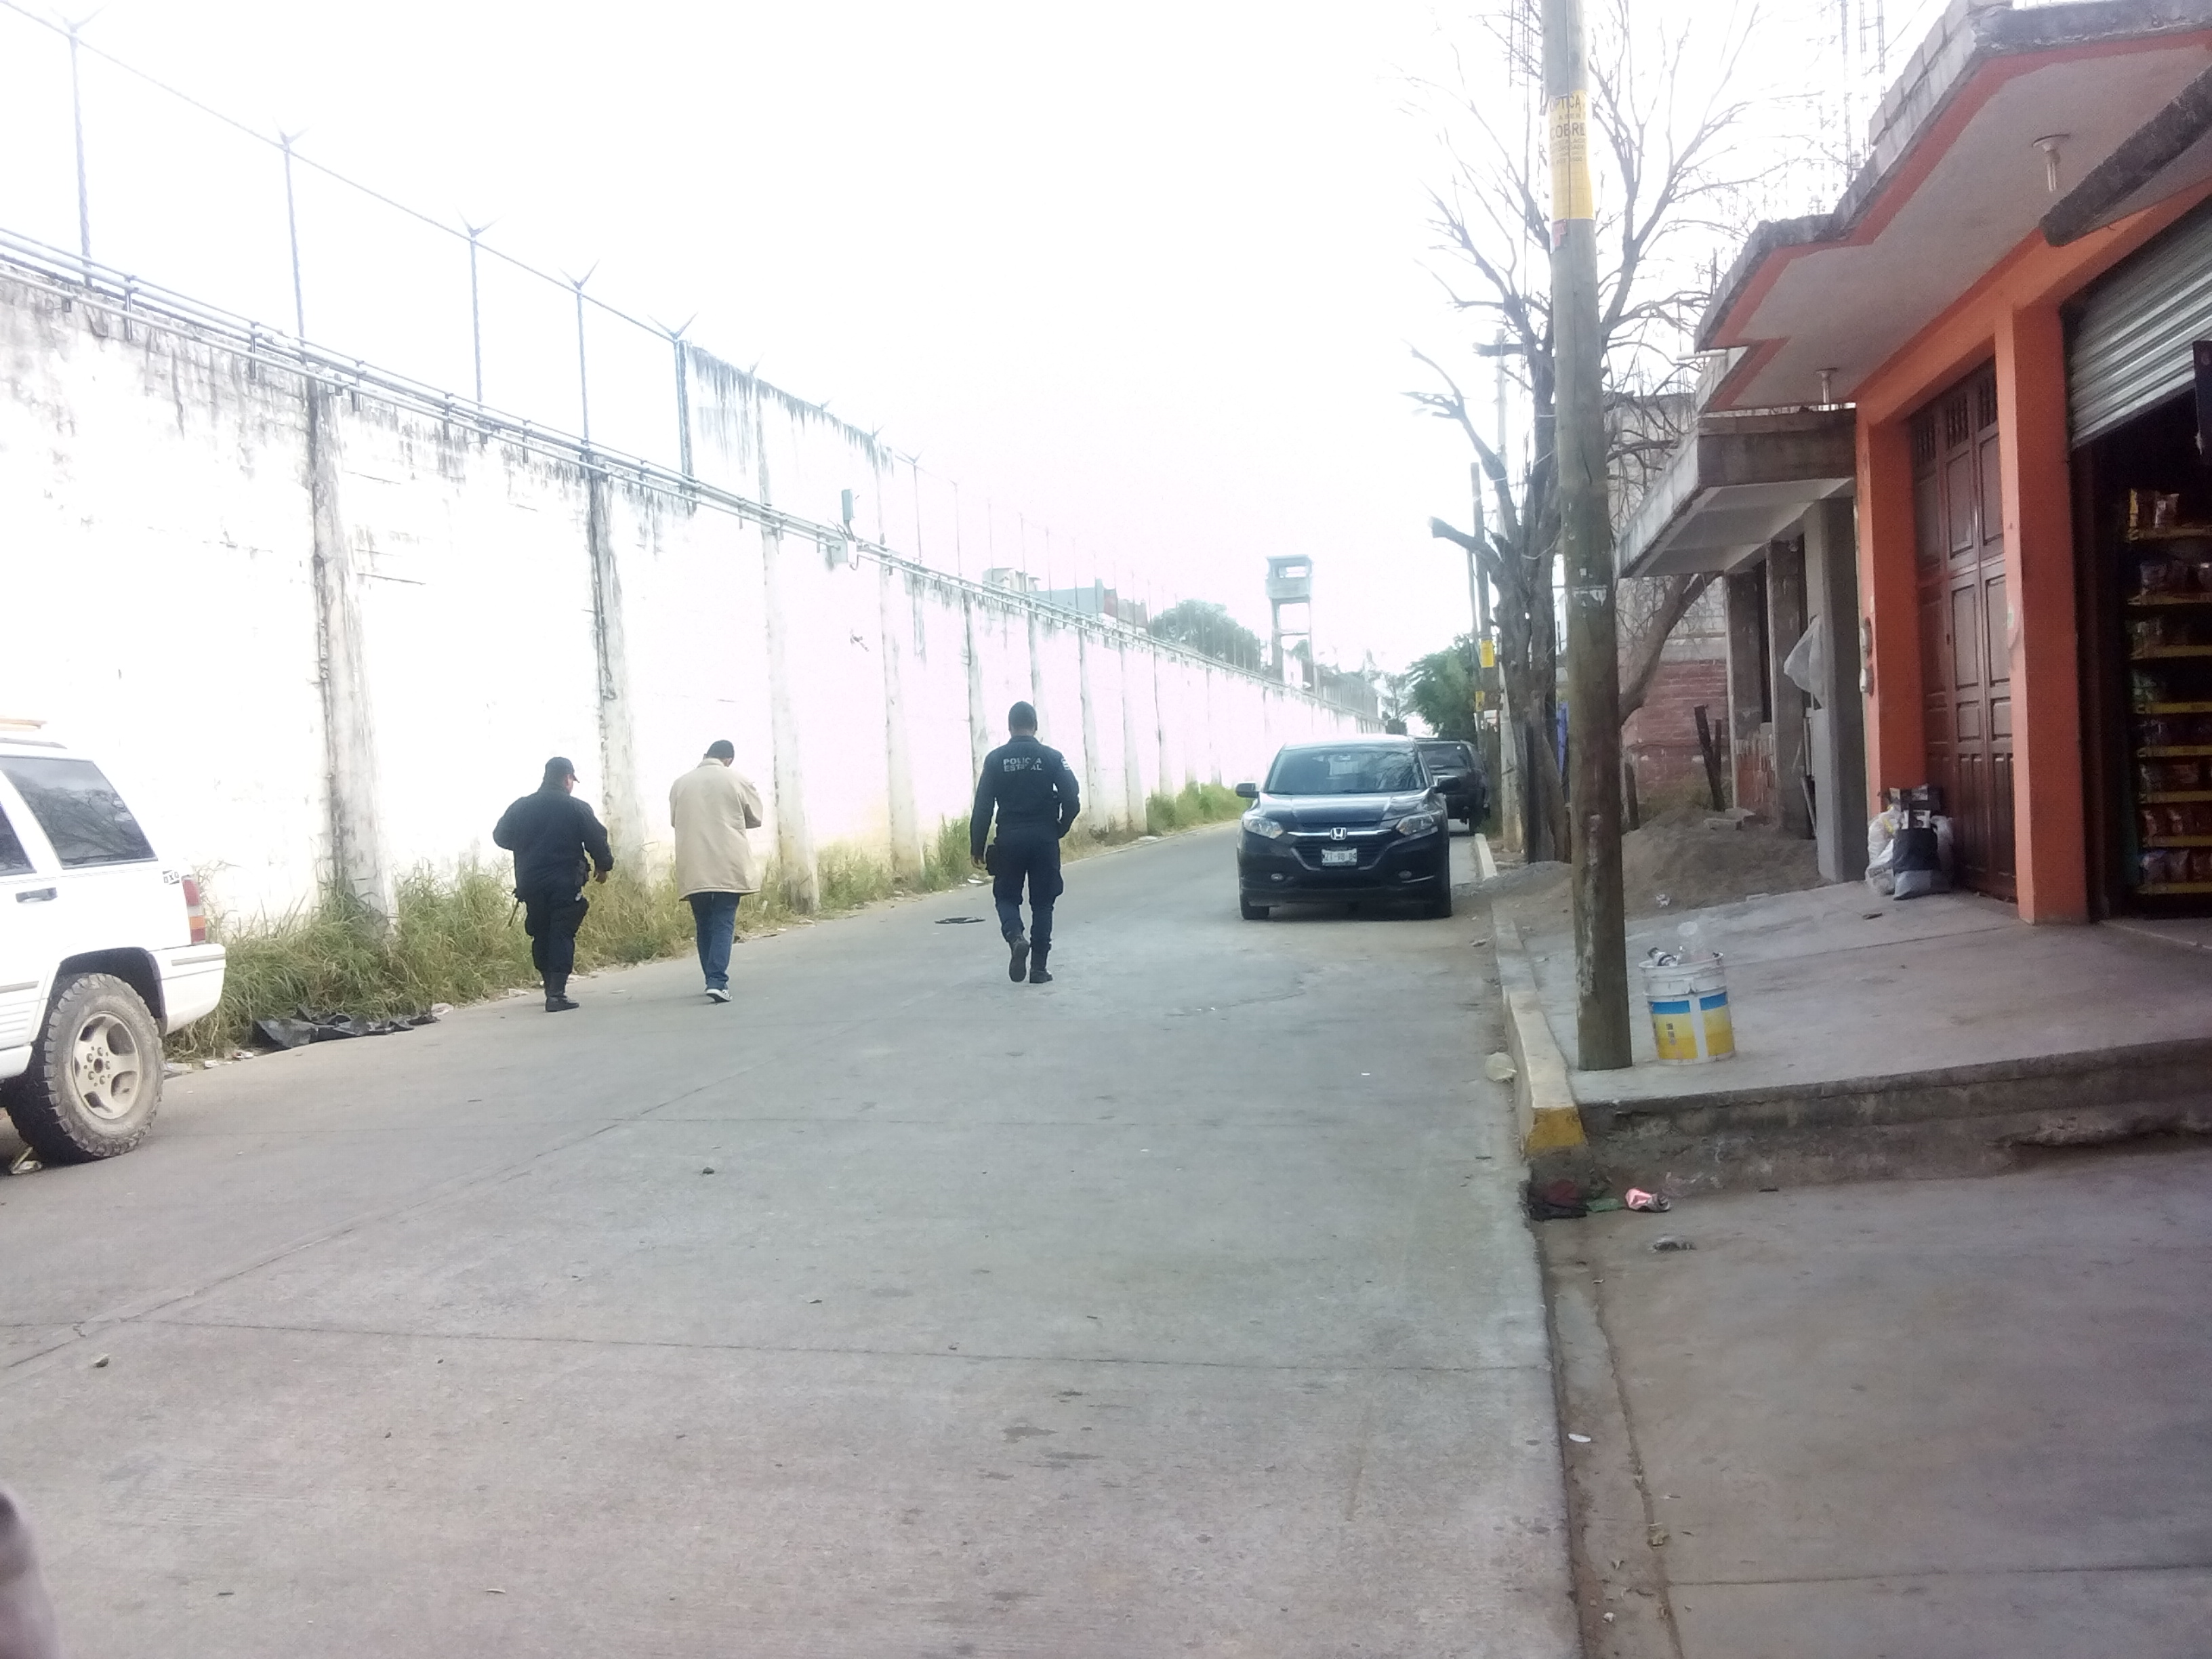 Culpable de asesinato ocurrido en Teotitlán del Valle, Oaxaca | El Imparcial de Oaxaca